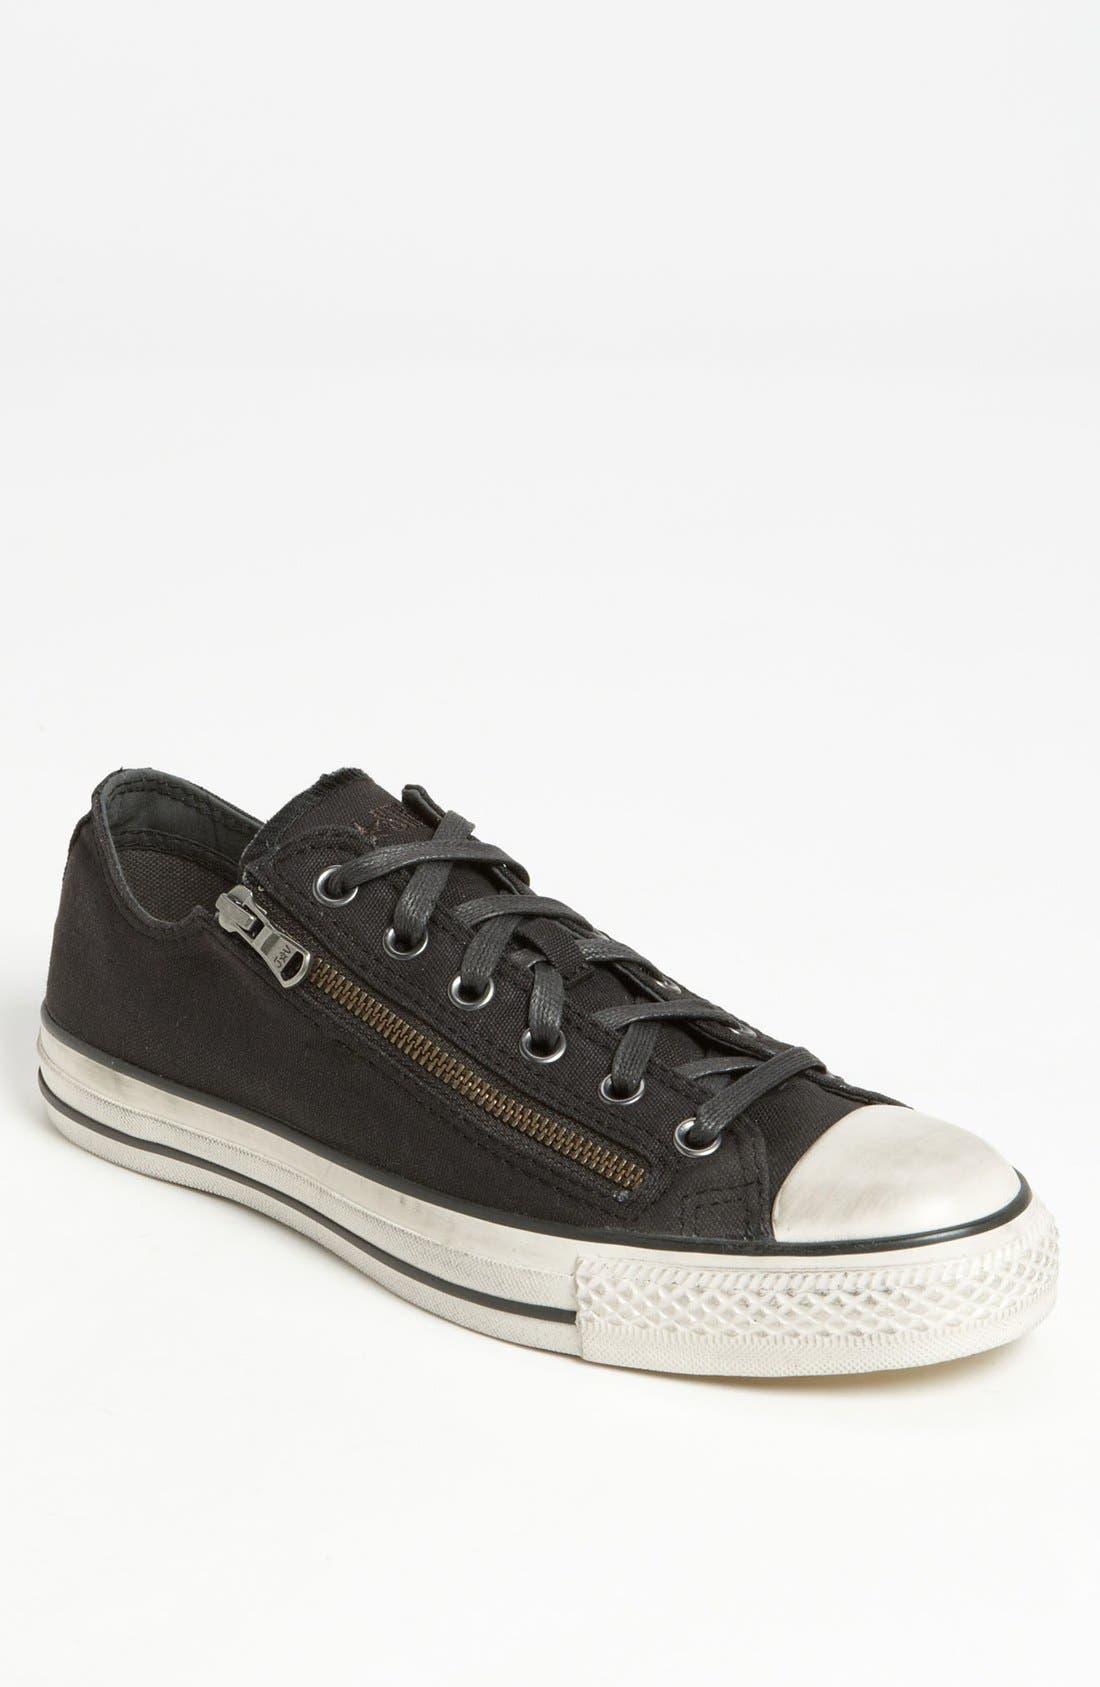 Main Image - Converse by John Varvatos 'CT' Sneaker (Men)